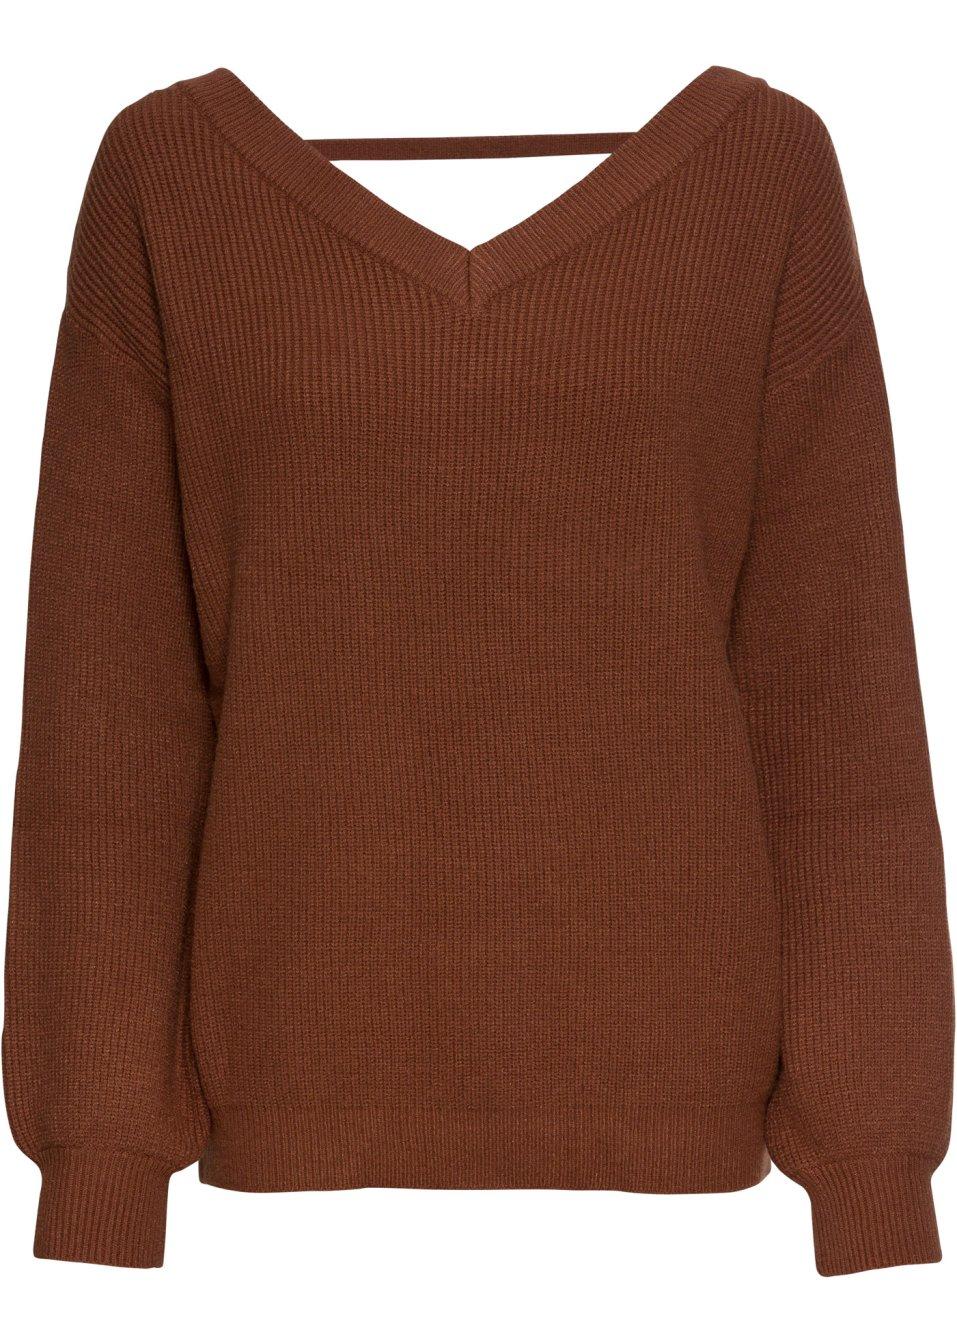 Pullover mit tiefem V-Ausschnitt ziegelbraun - BODYFLIRT online kaufen - bonprix.de cjmko oPxyJ